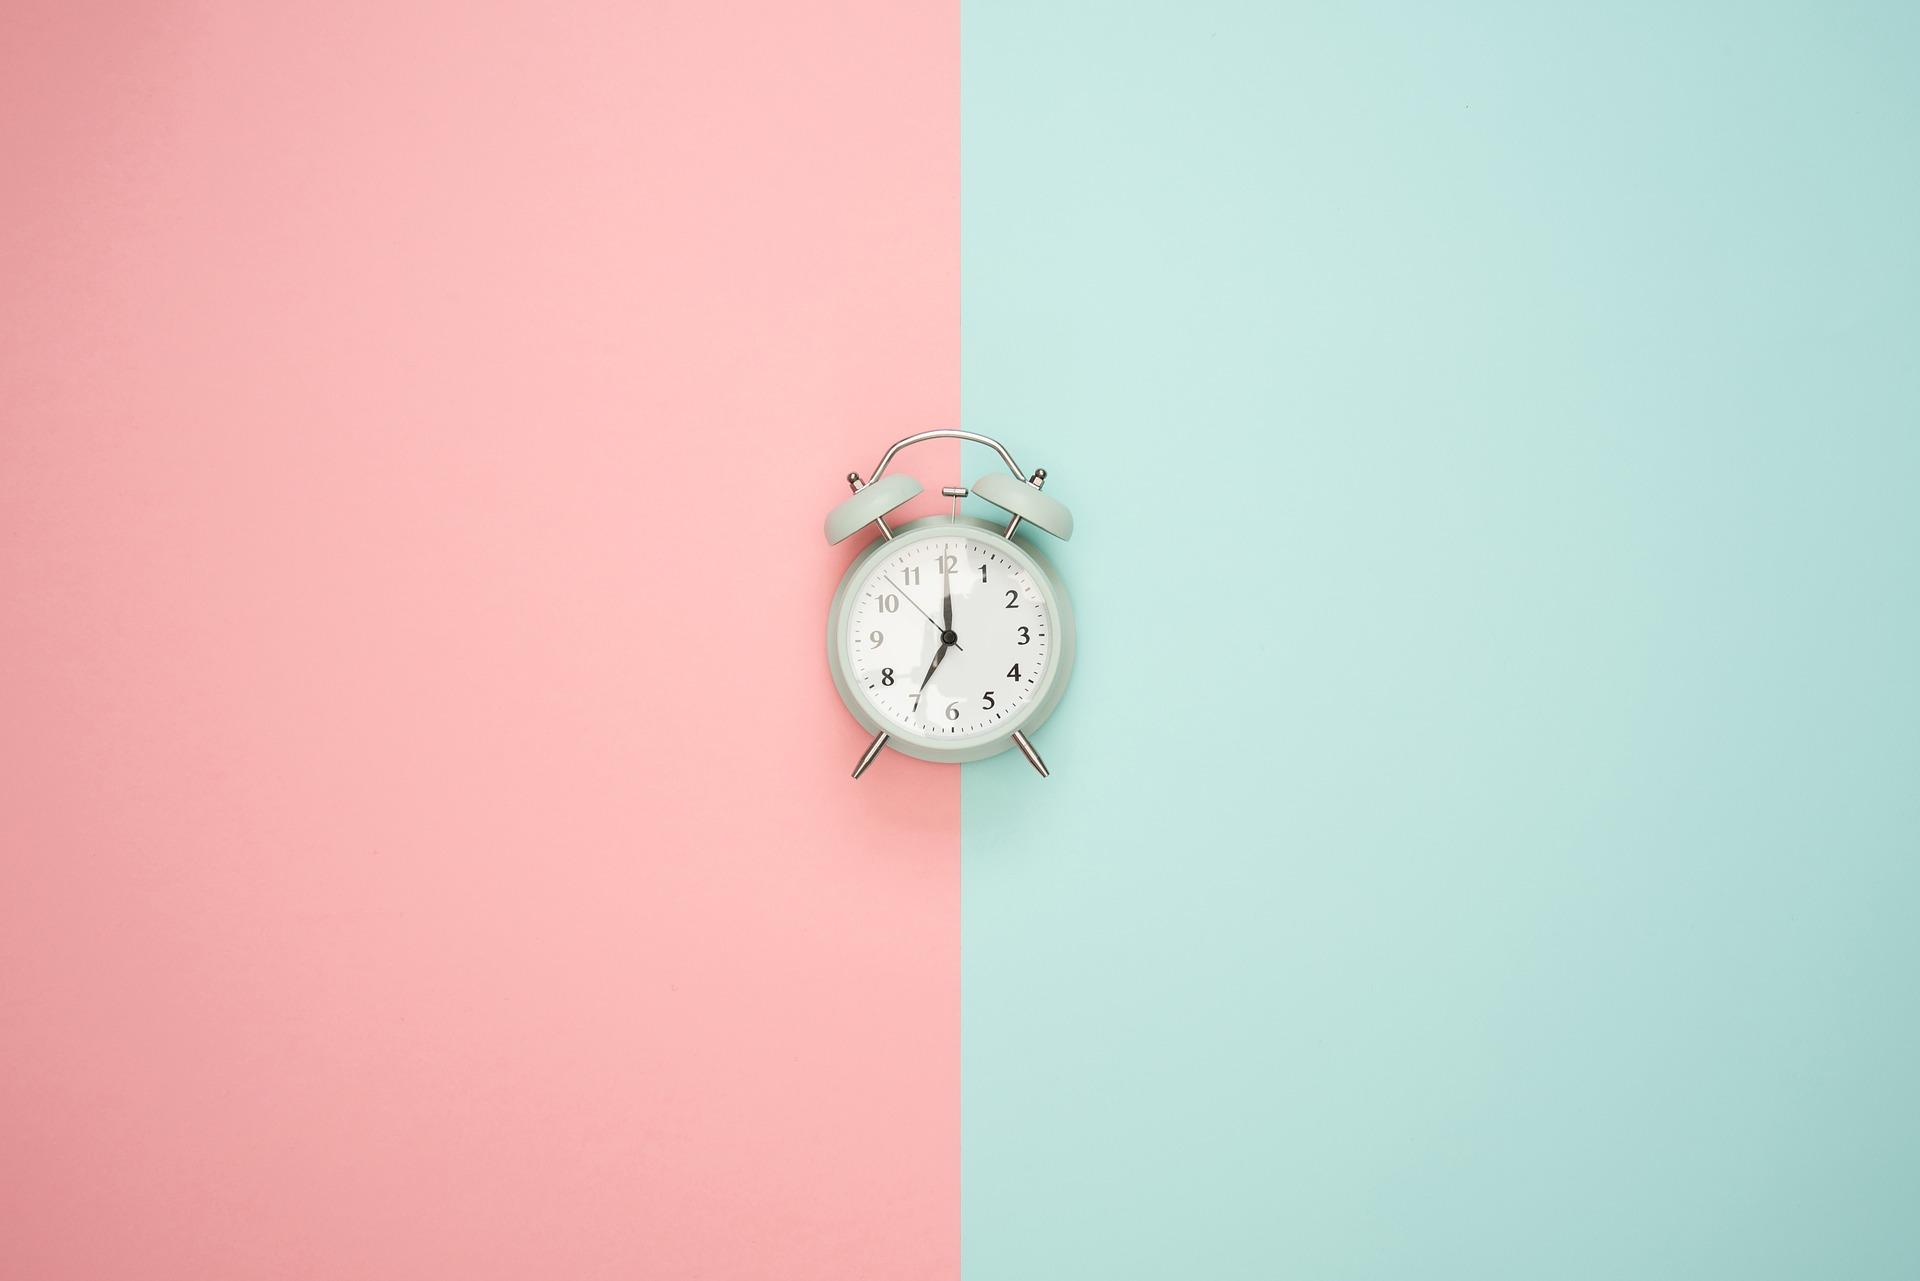 Stress. Tijdsdruk. Alles moet nu. Geen tijd.